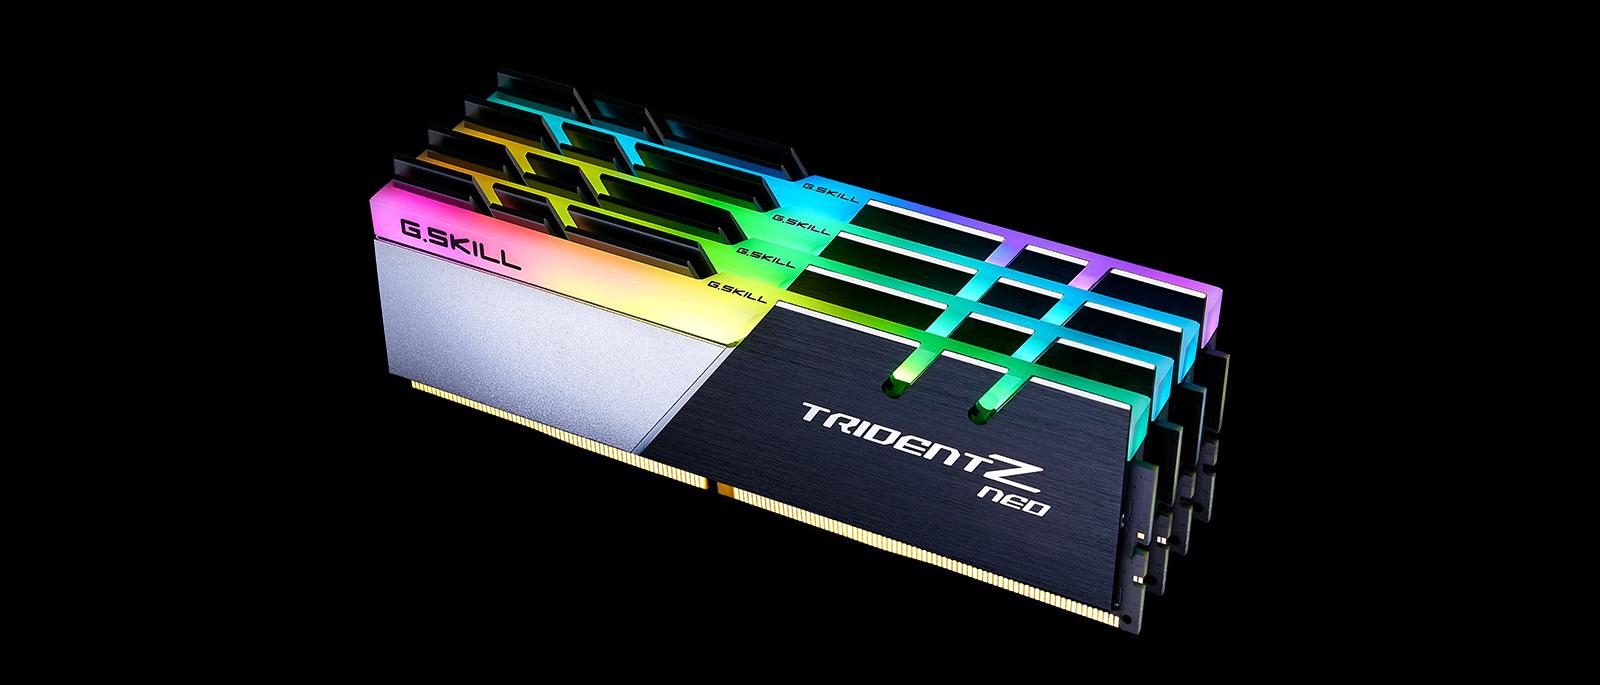 Trident Z Neo 06